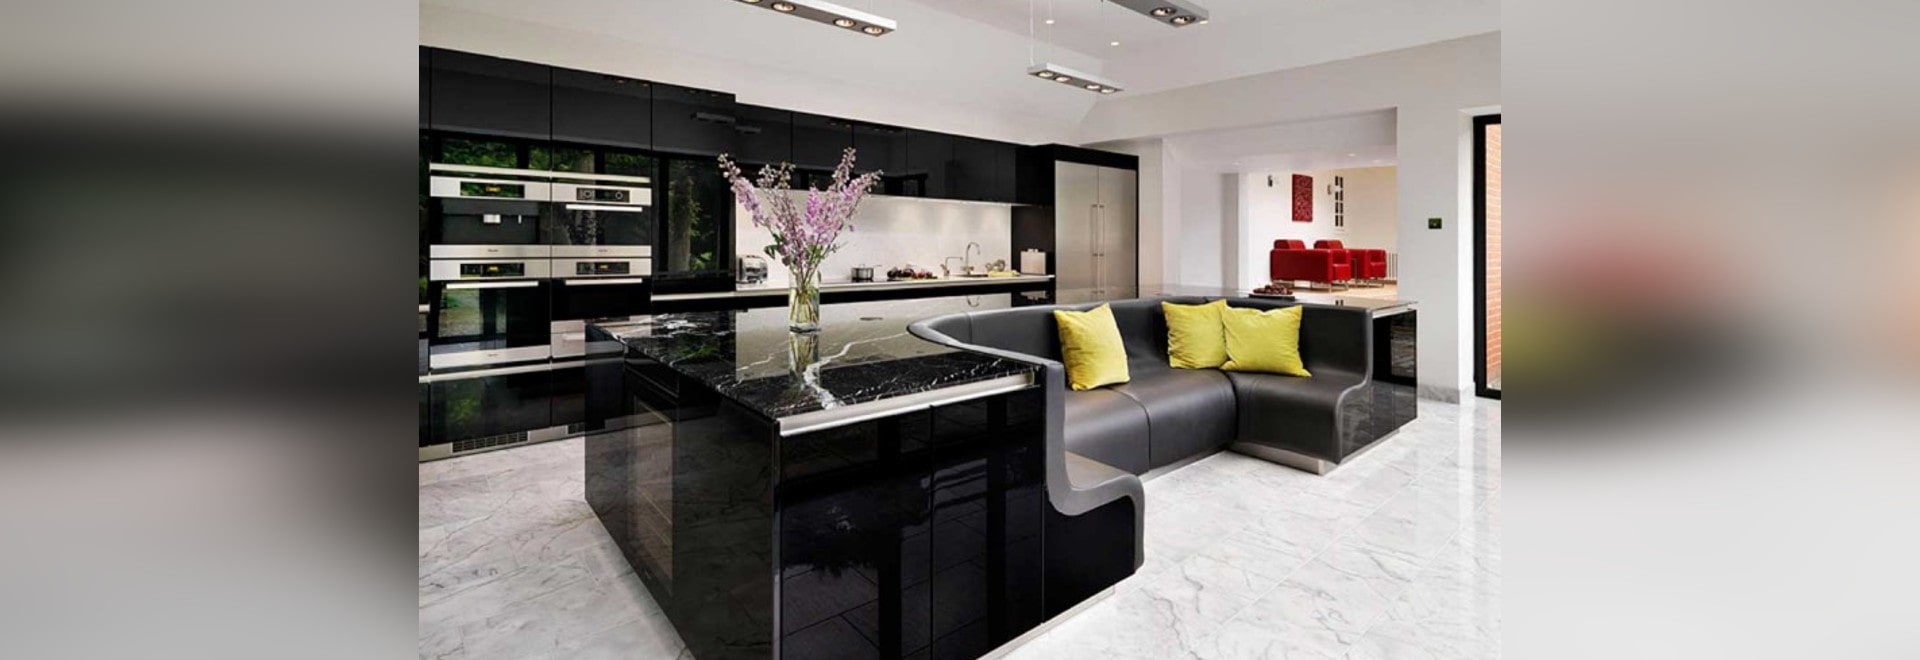 Sofa für küche  Diese Küche hat eine Insel mit einem eingebauten Sofa - Winchester ...